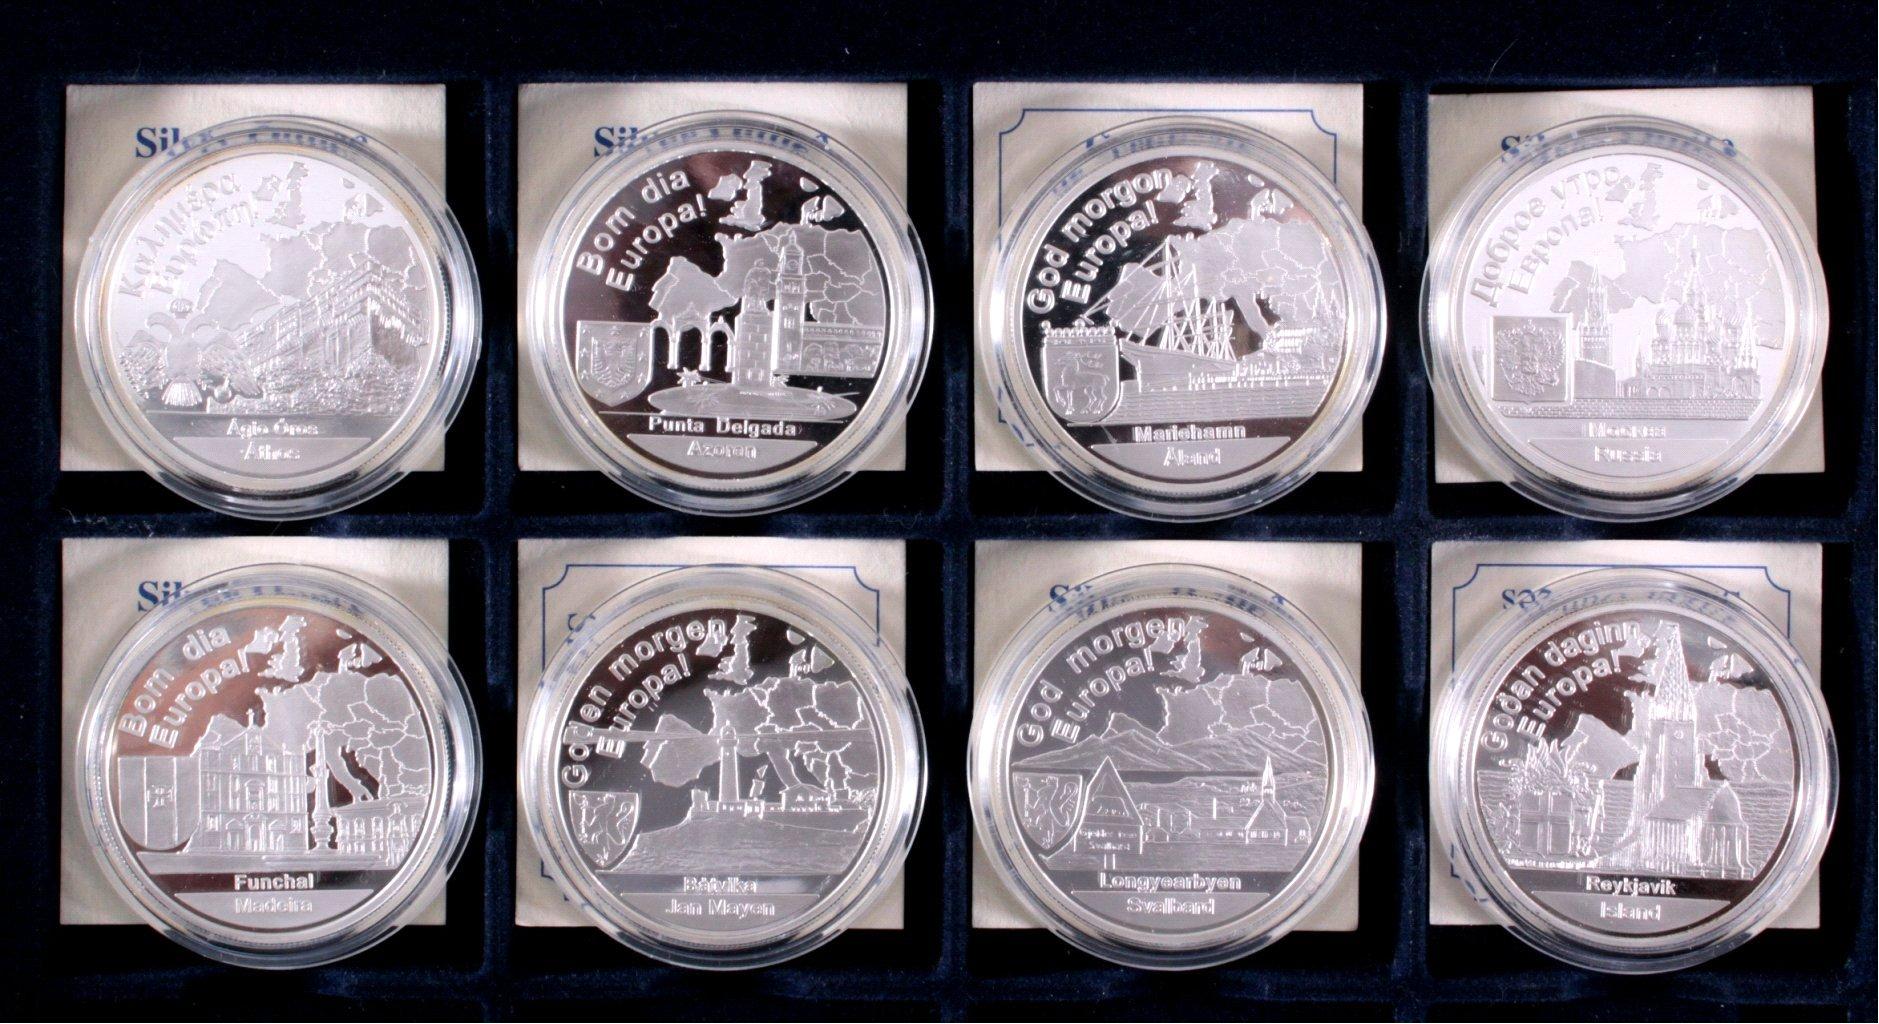 Europa, Konvolut von 8 Silbermünzen aus Europa